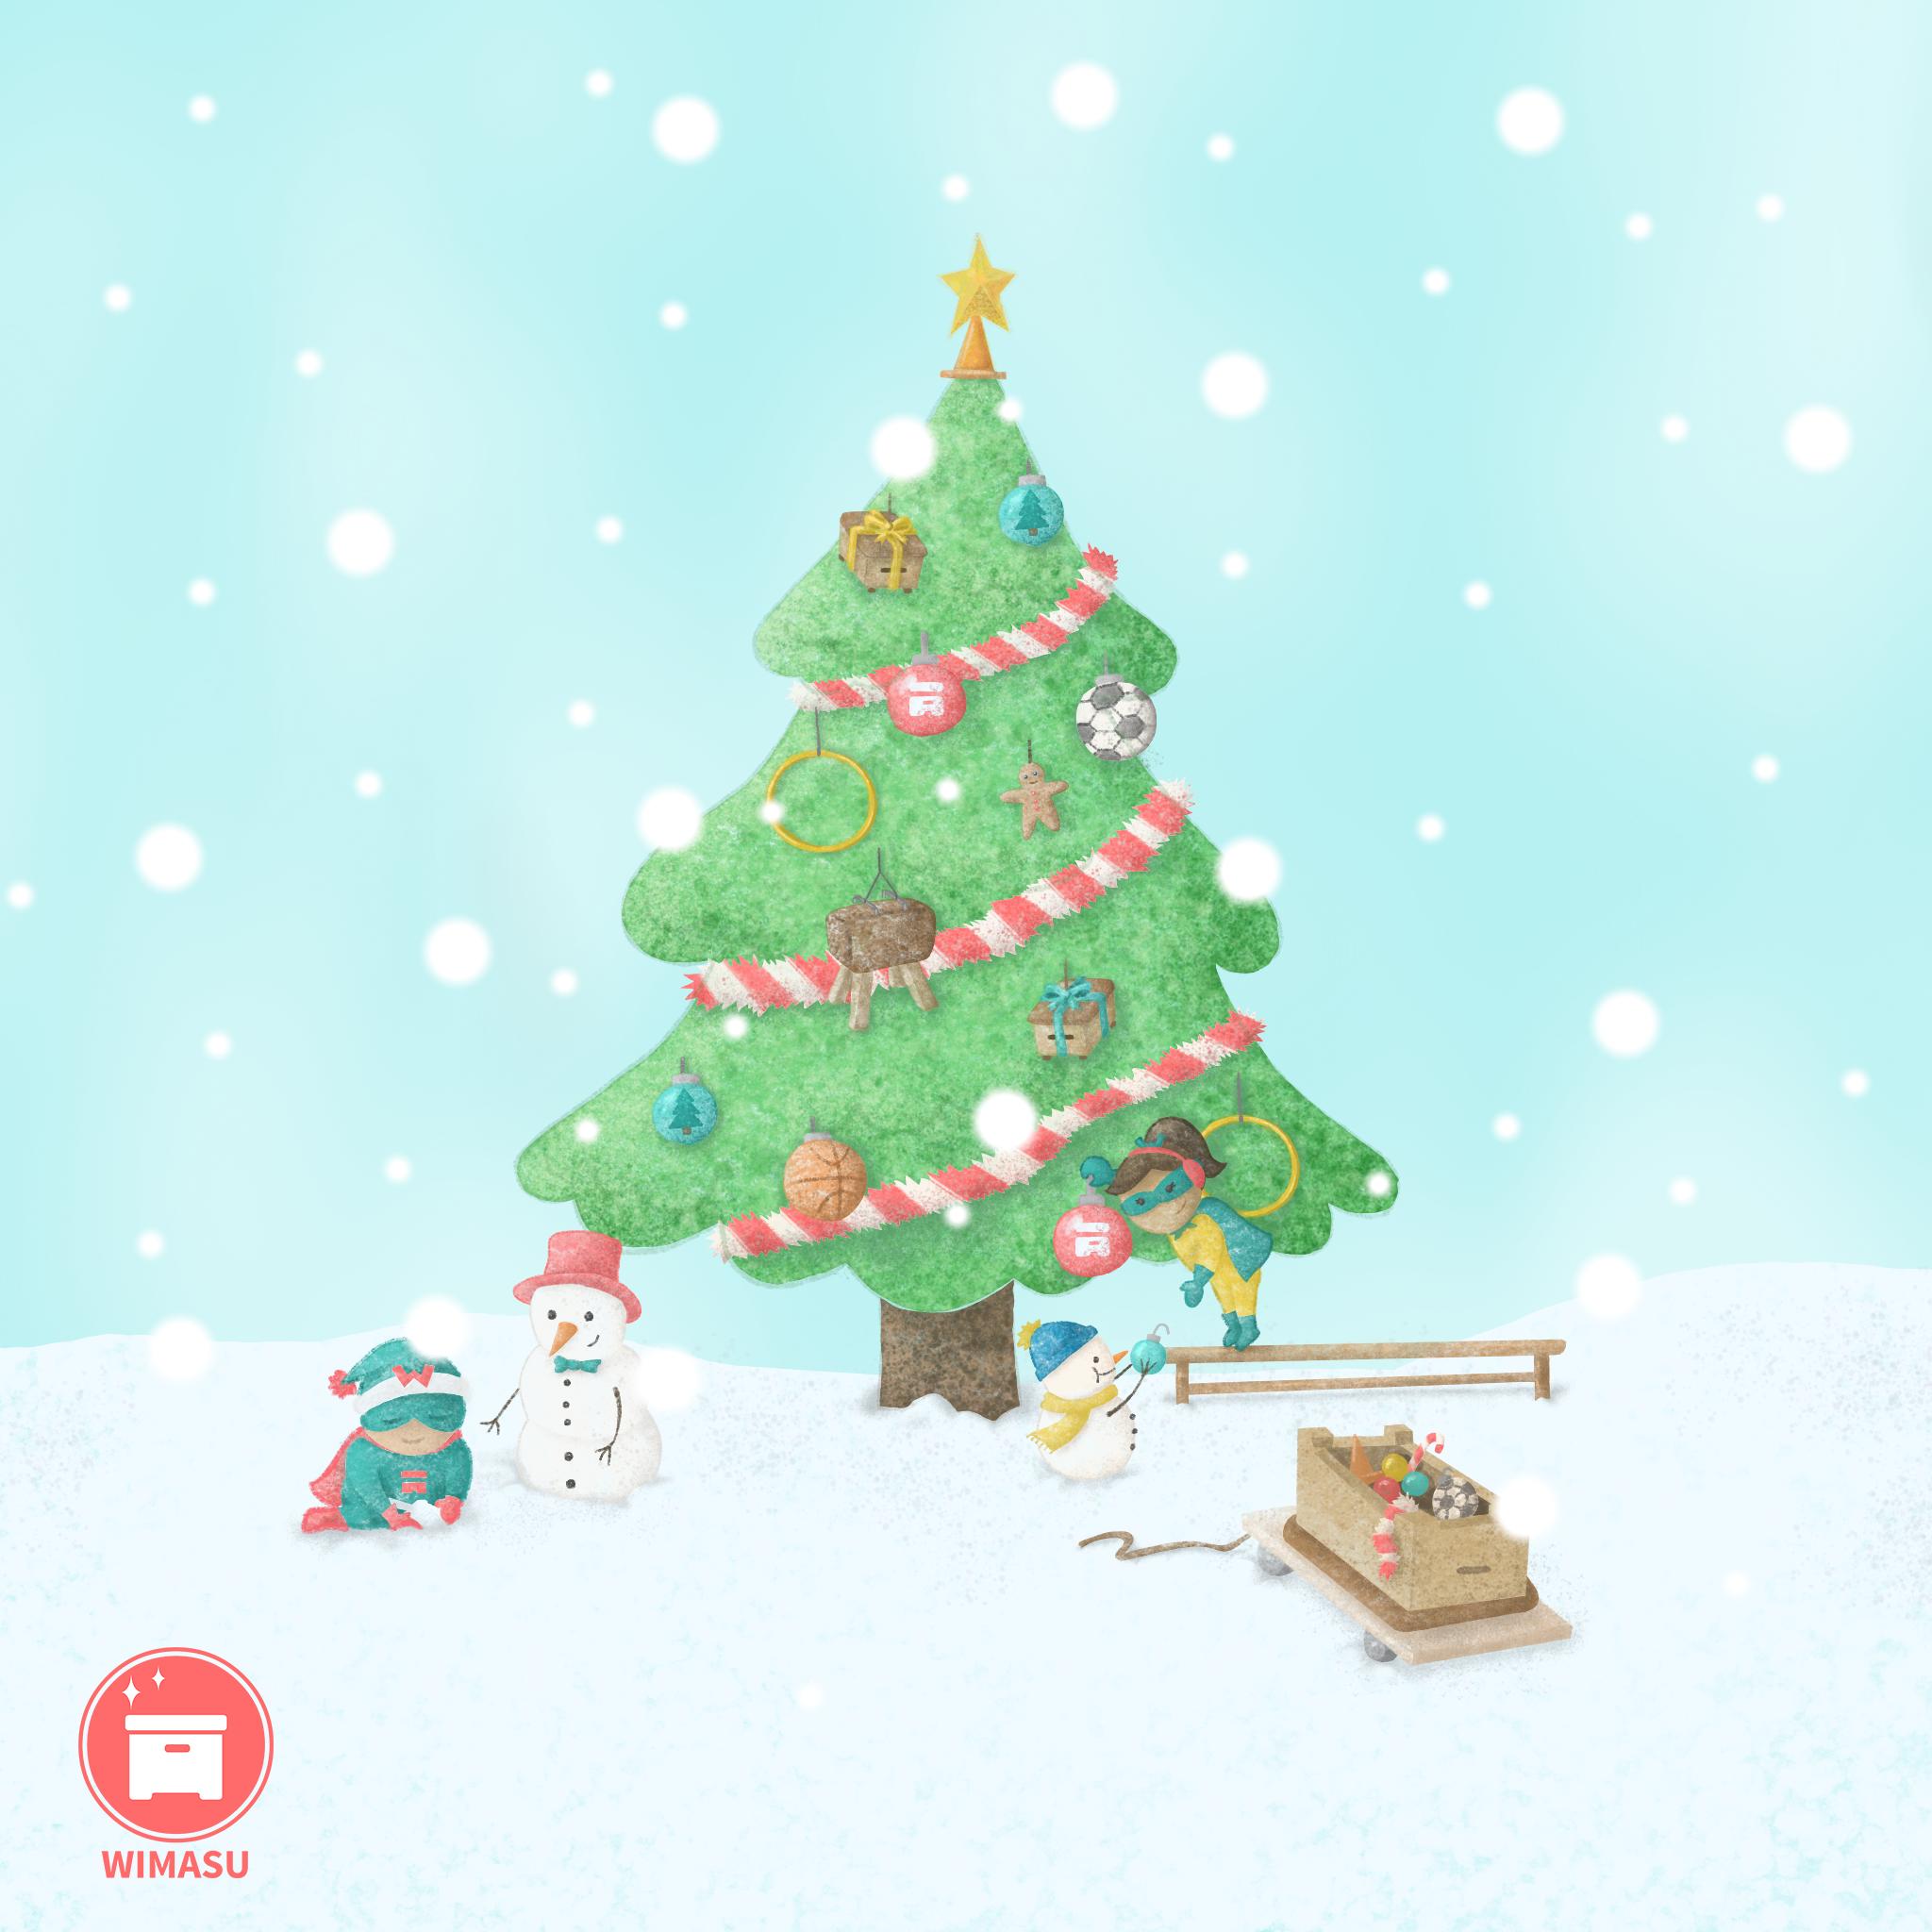 Grußkarte_weihnachten_wimasu_sportunterricht